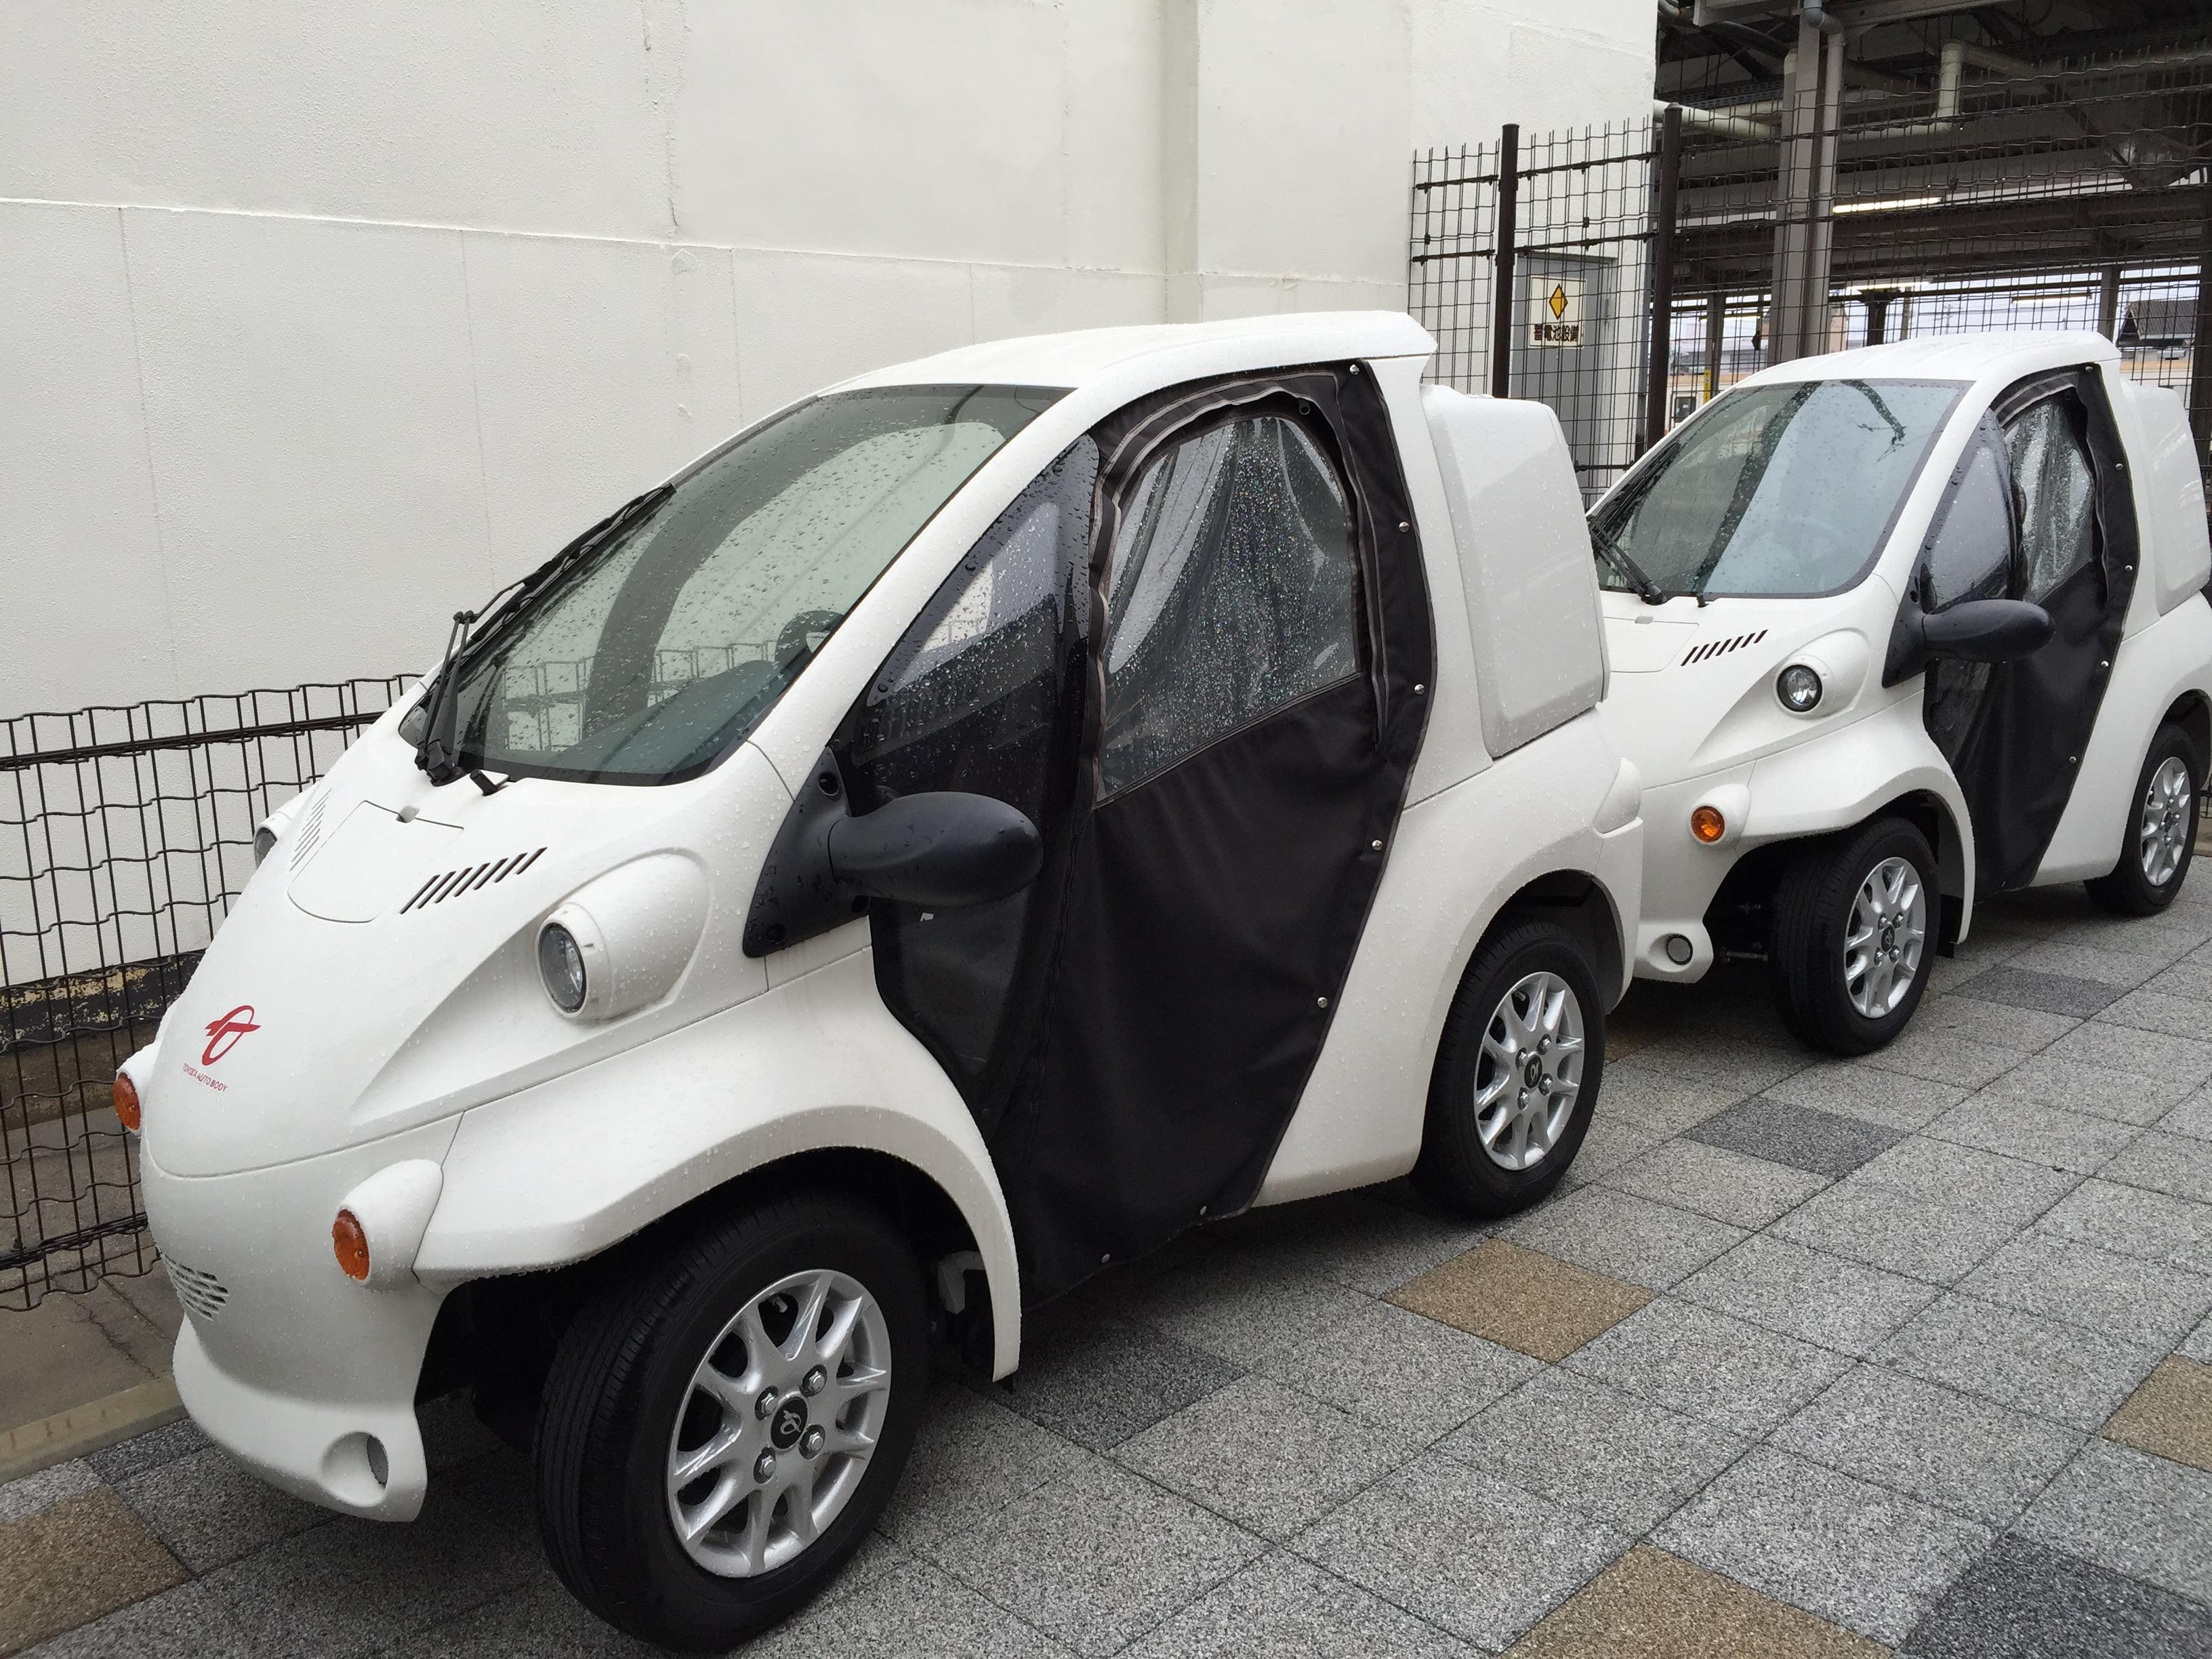 除了可以租單車後,還有小型車可以租,可惜我們不會駕駛